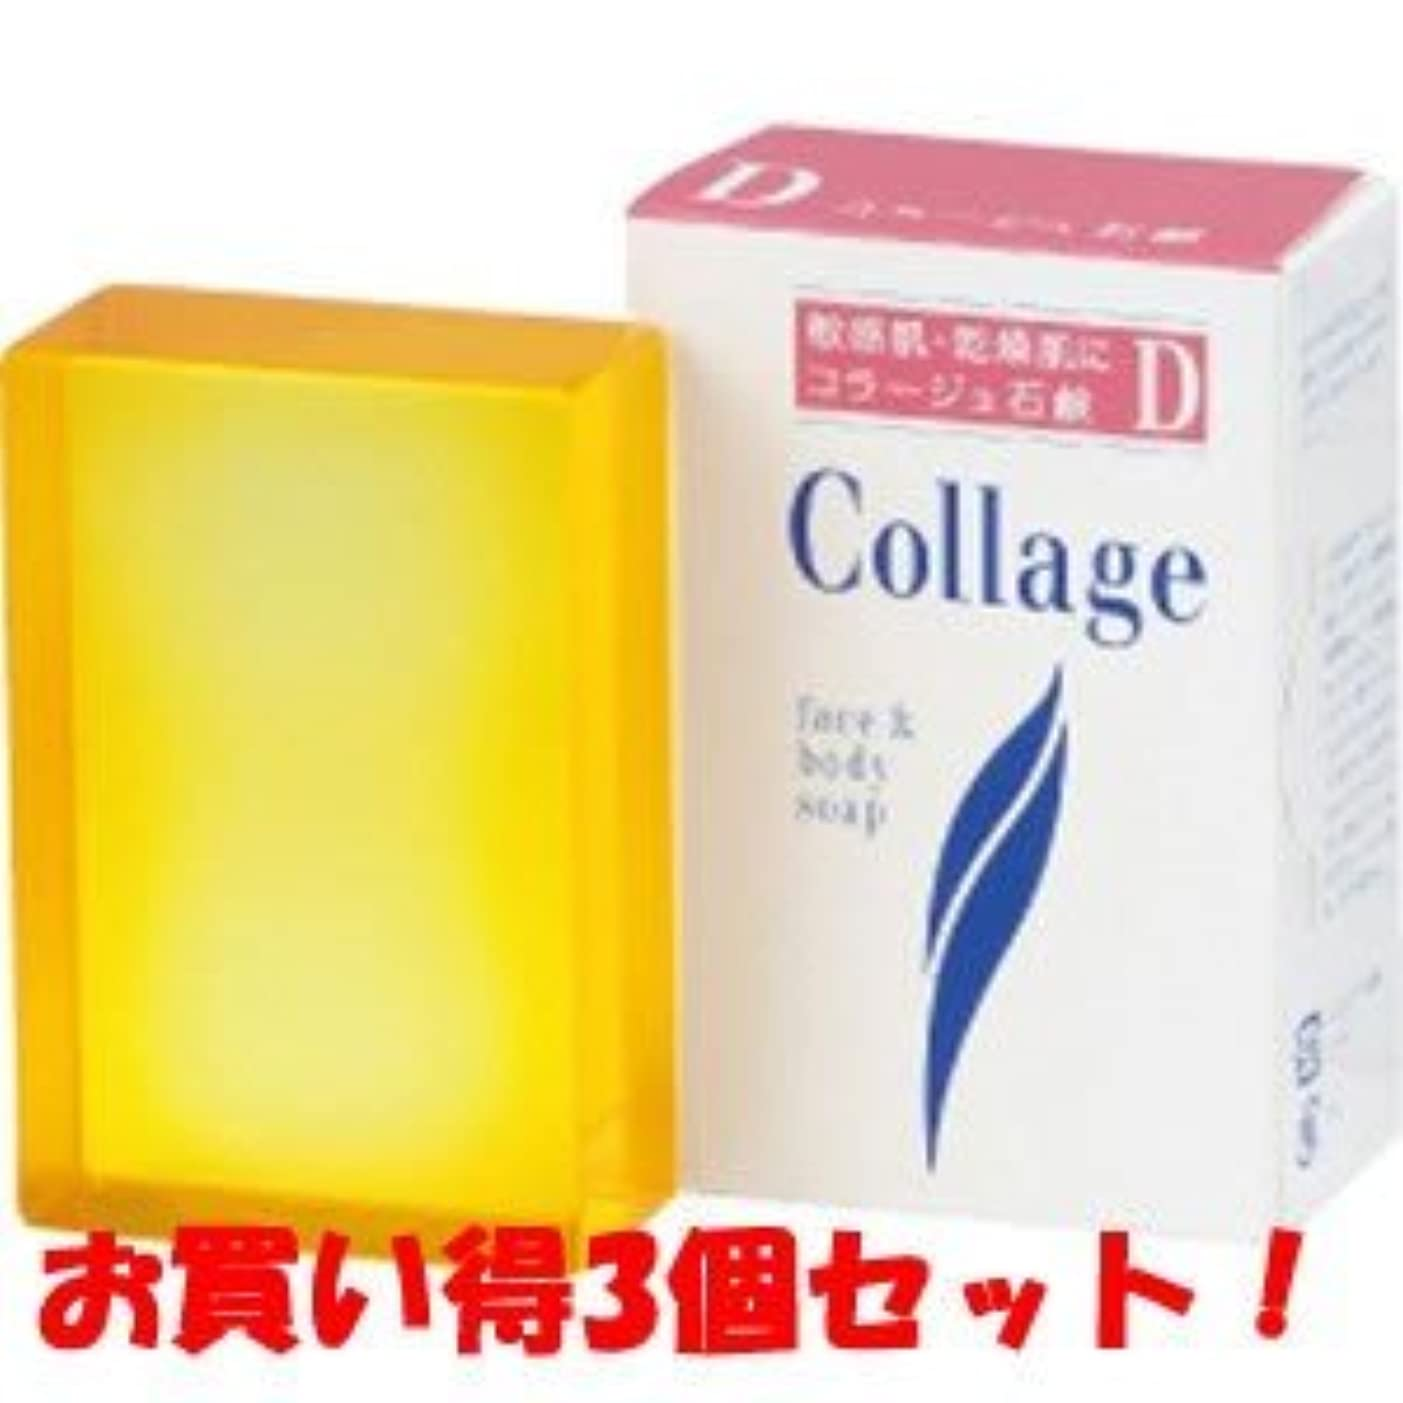 鉛略語飼いならす(持田ヘルスケア)コラージュD乾性肌用石鹸 100g(お買い得3個セット)